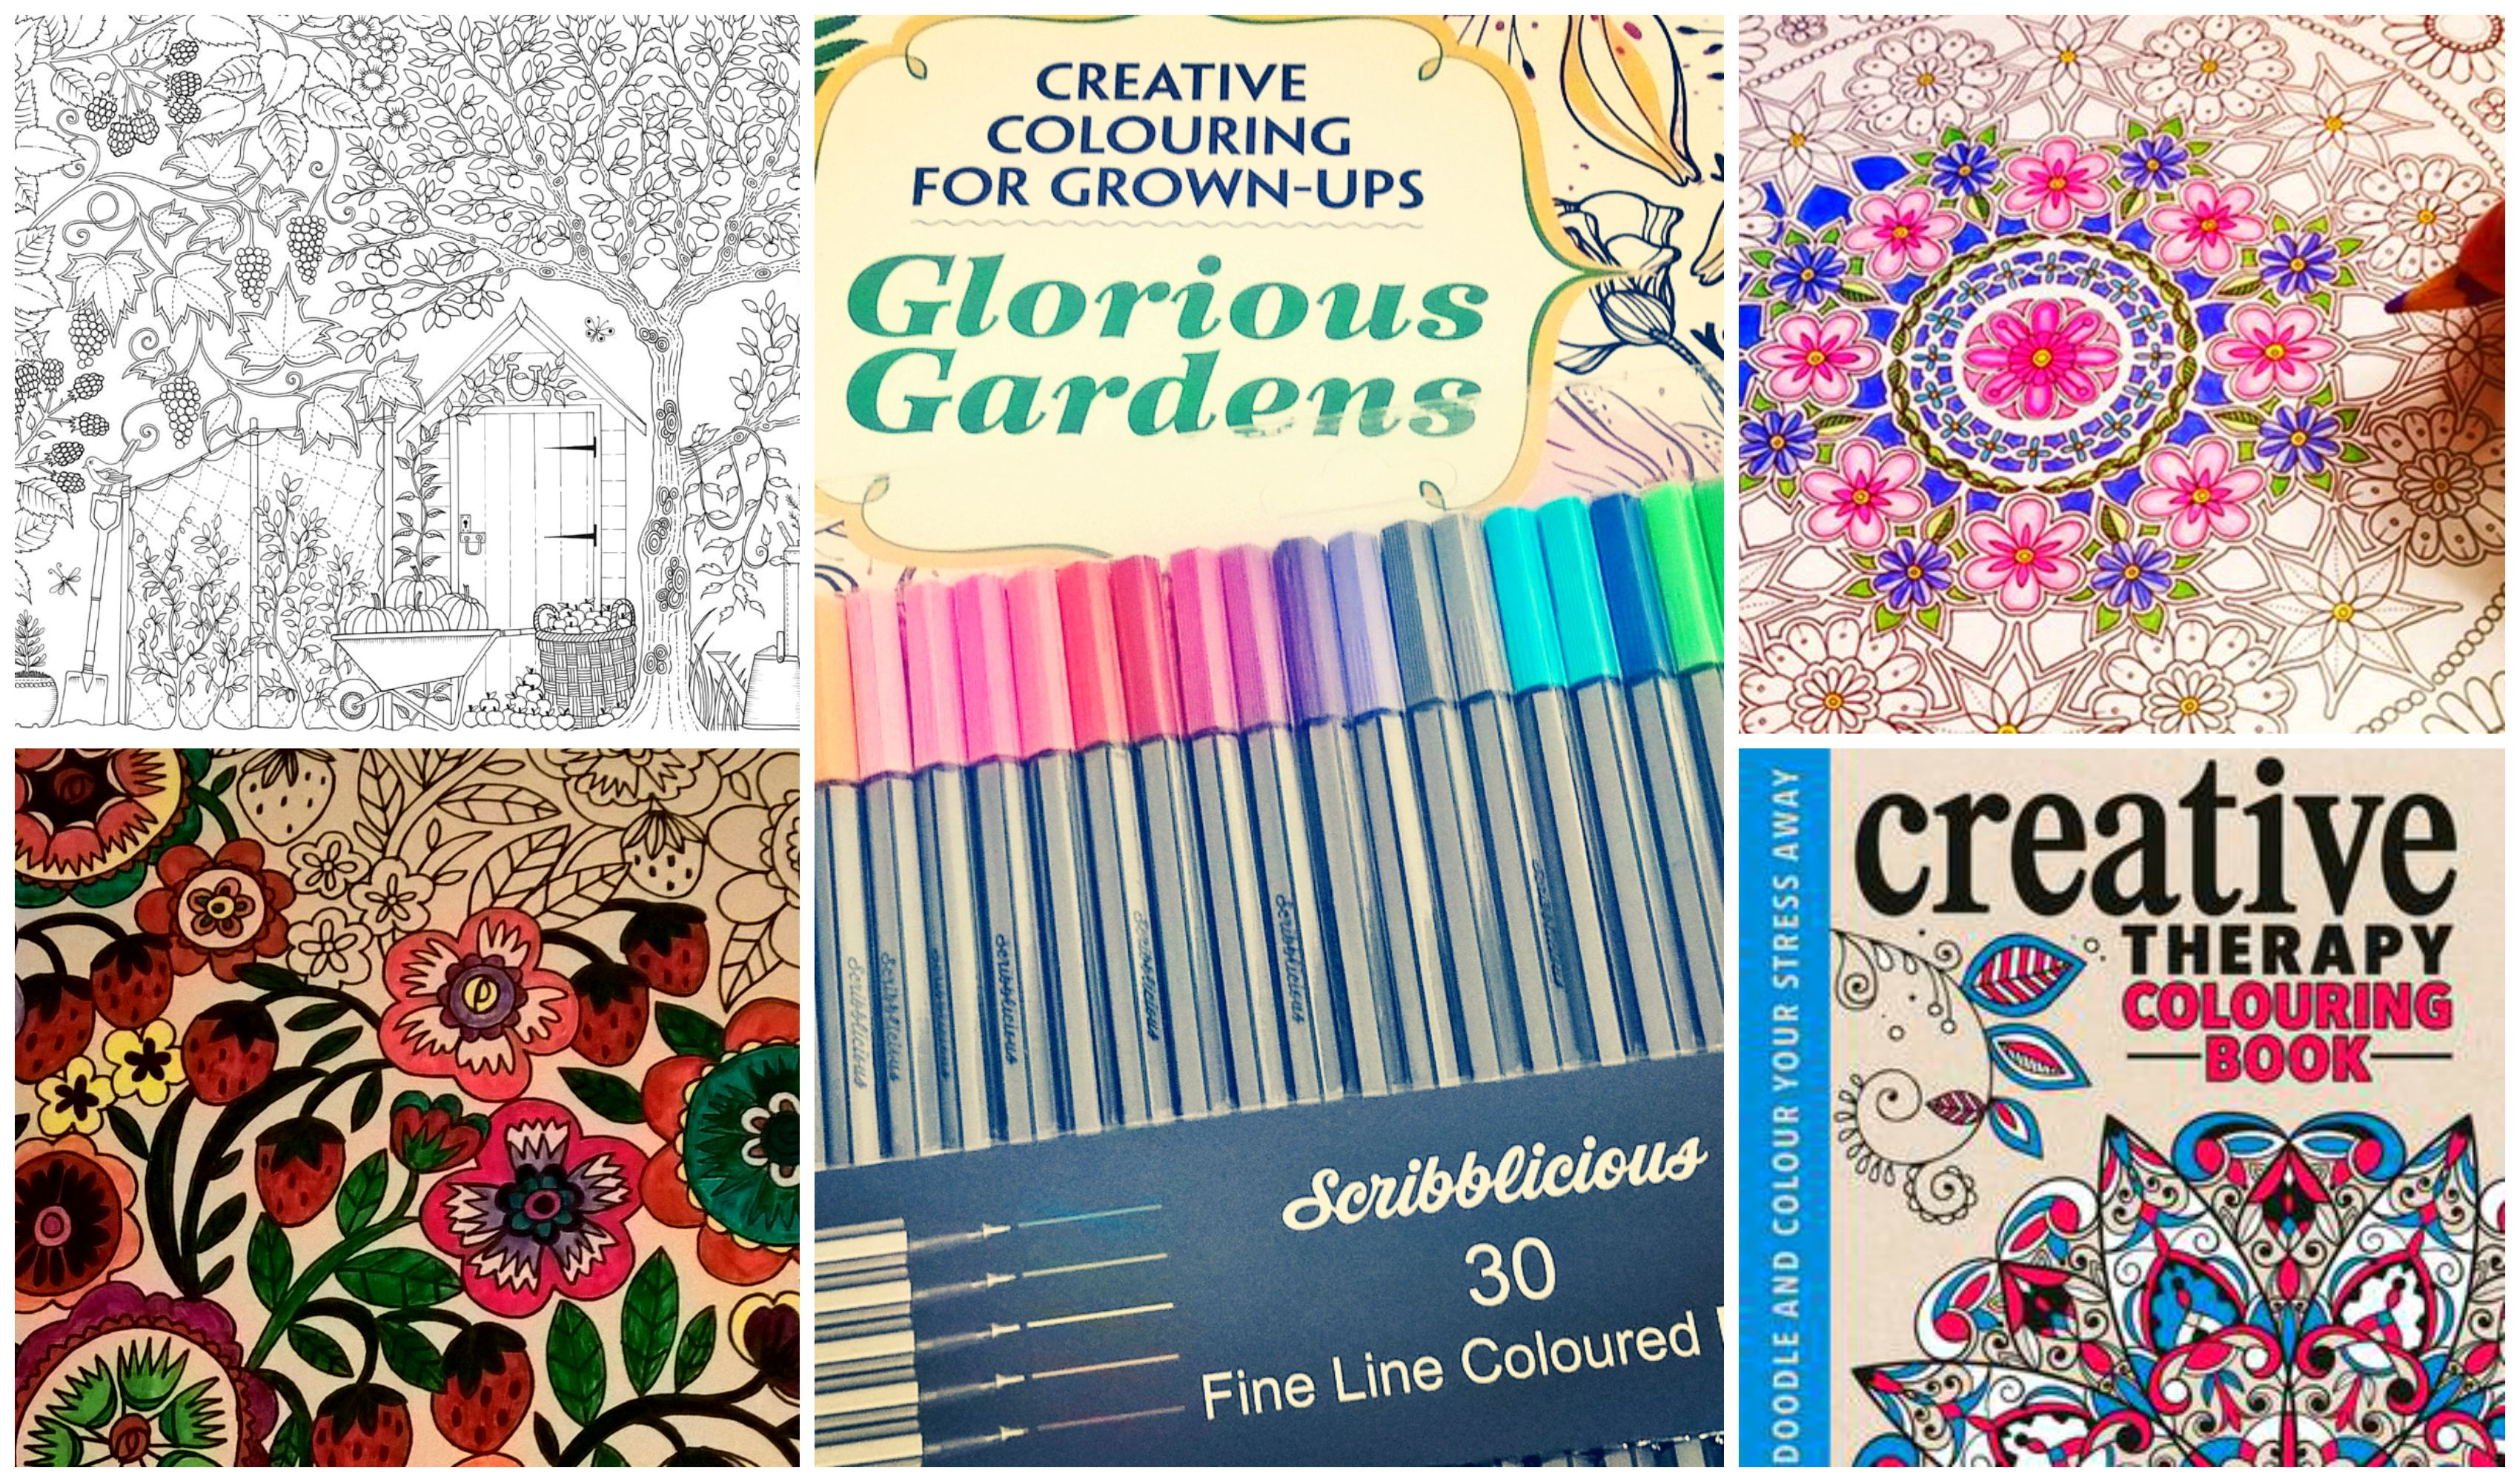 Color book for me - Colouringbookcollage1